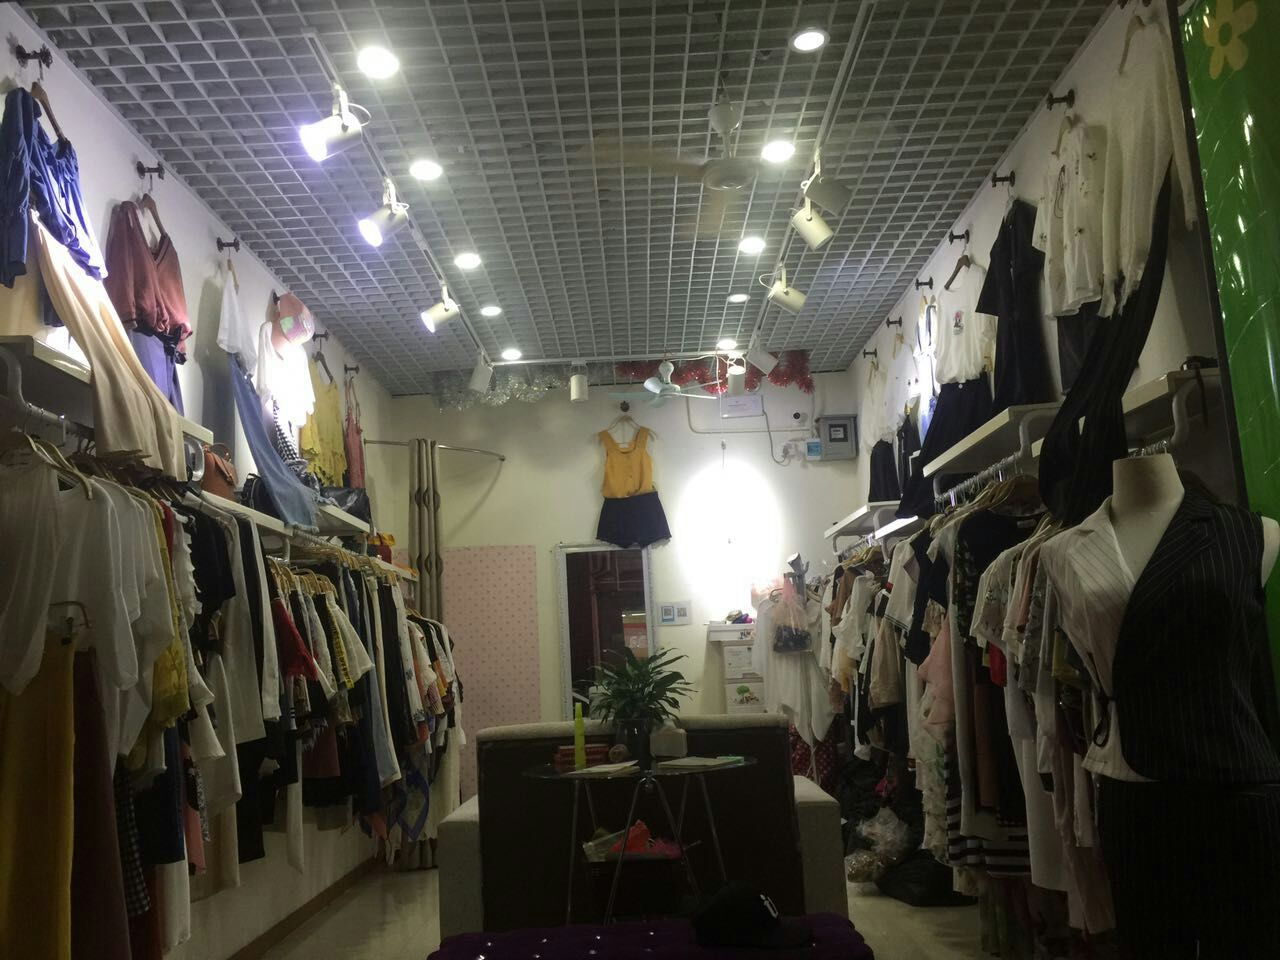 龙华 白石龙一区新众佳超市街铺 女装店转租